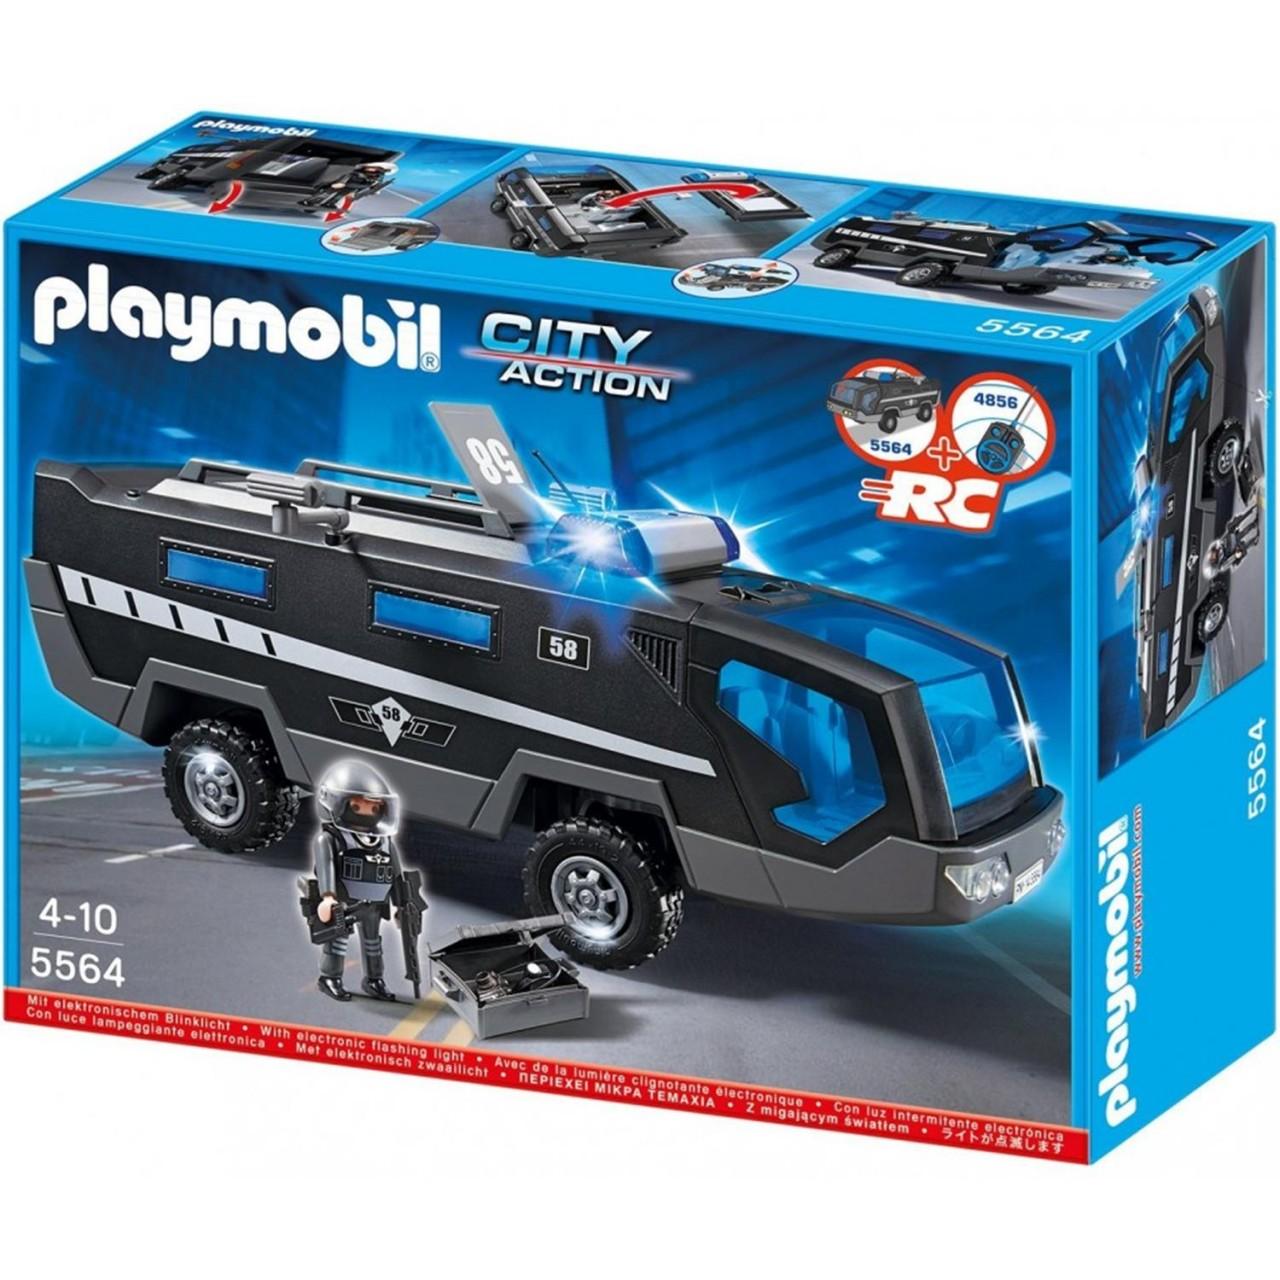 Playmobil 5564 City Action Einsatztruck SEK mit Licht und Sound Neu & OVP